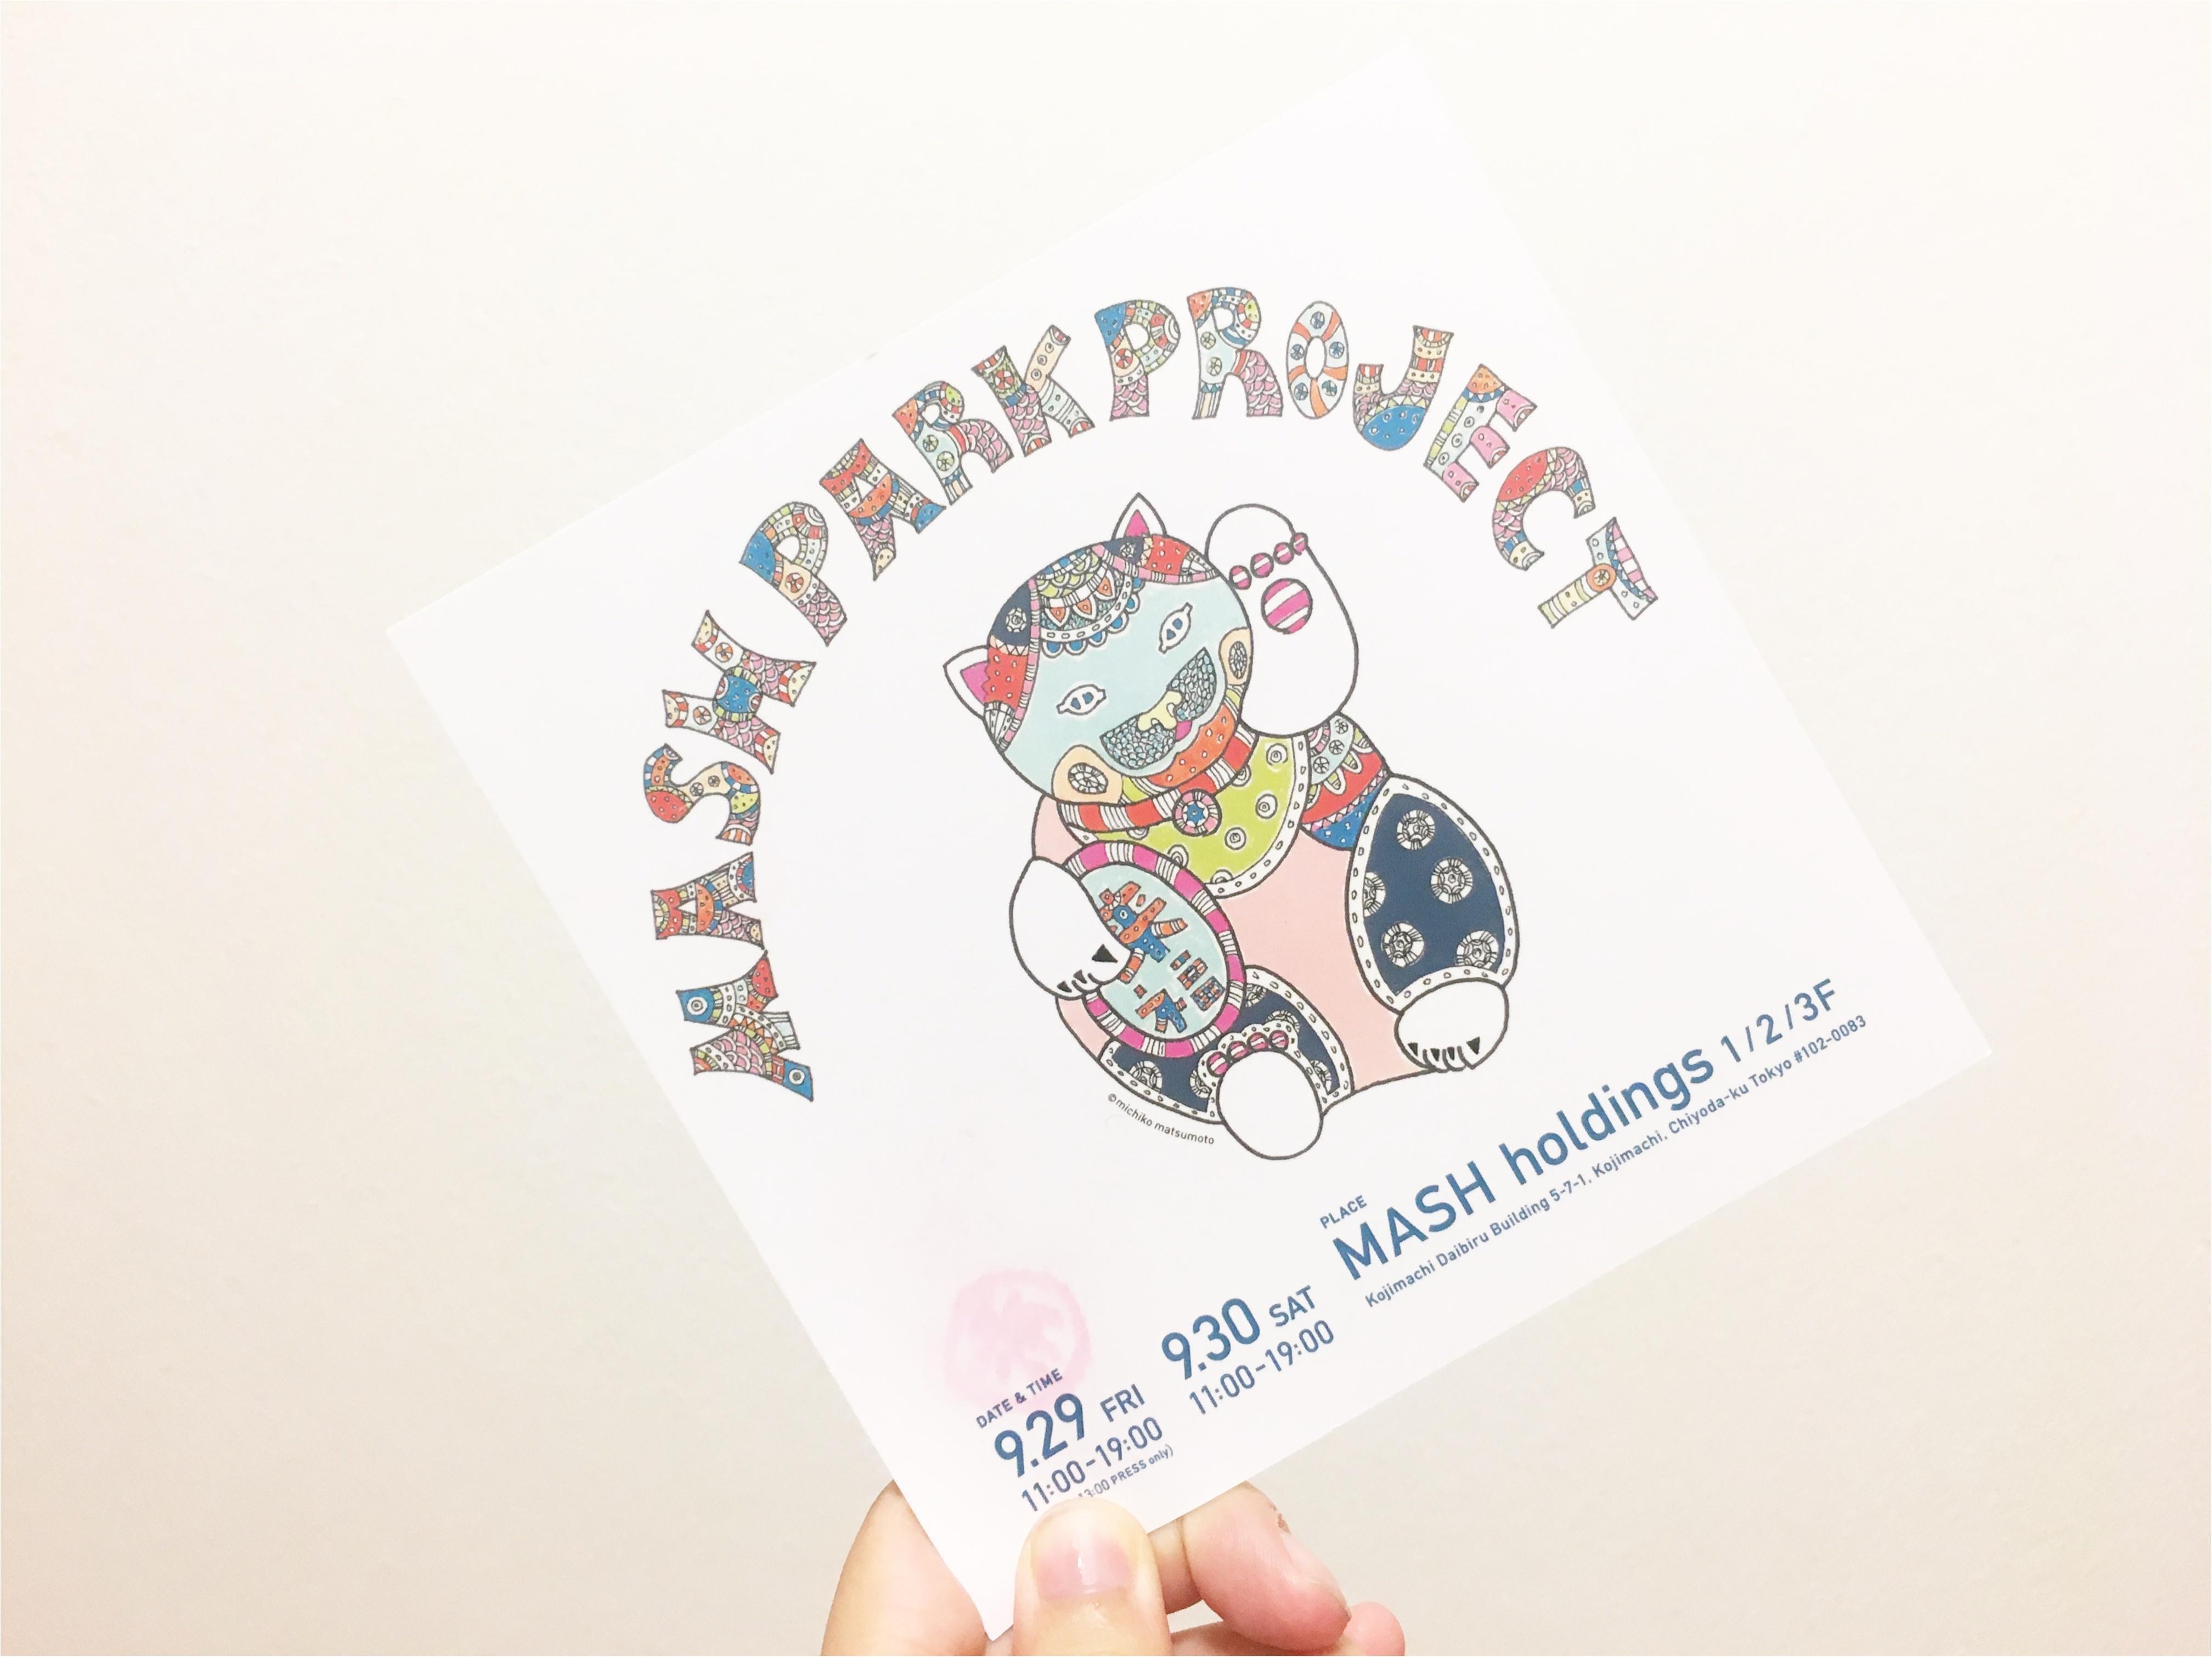 《MASH PARK PROJECT》snidelやジェラピケでおなじみのマッシュグループのチャリティーイベントへ!限定福袋もゲット!♡_1